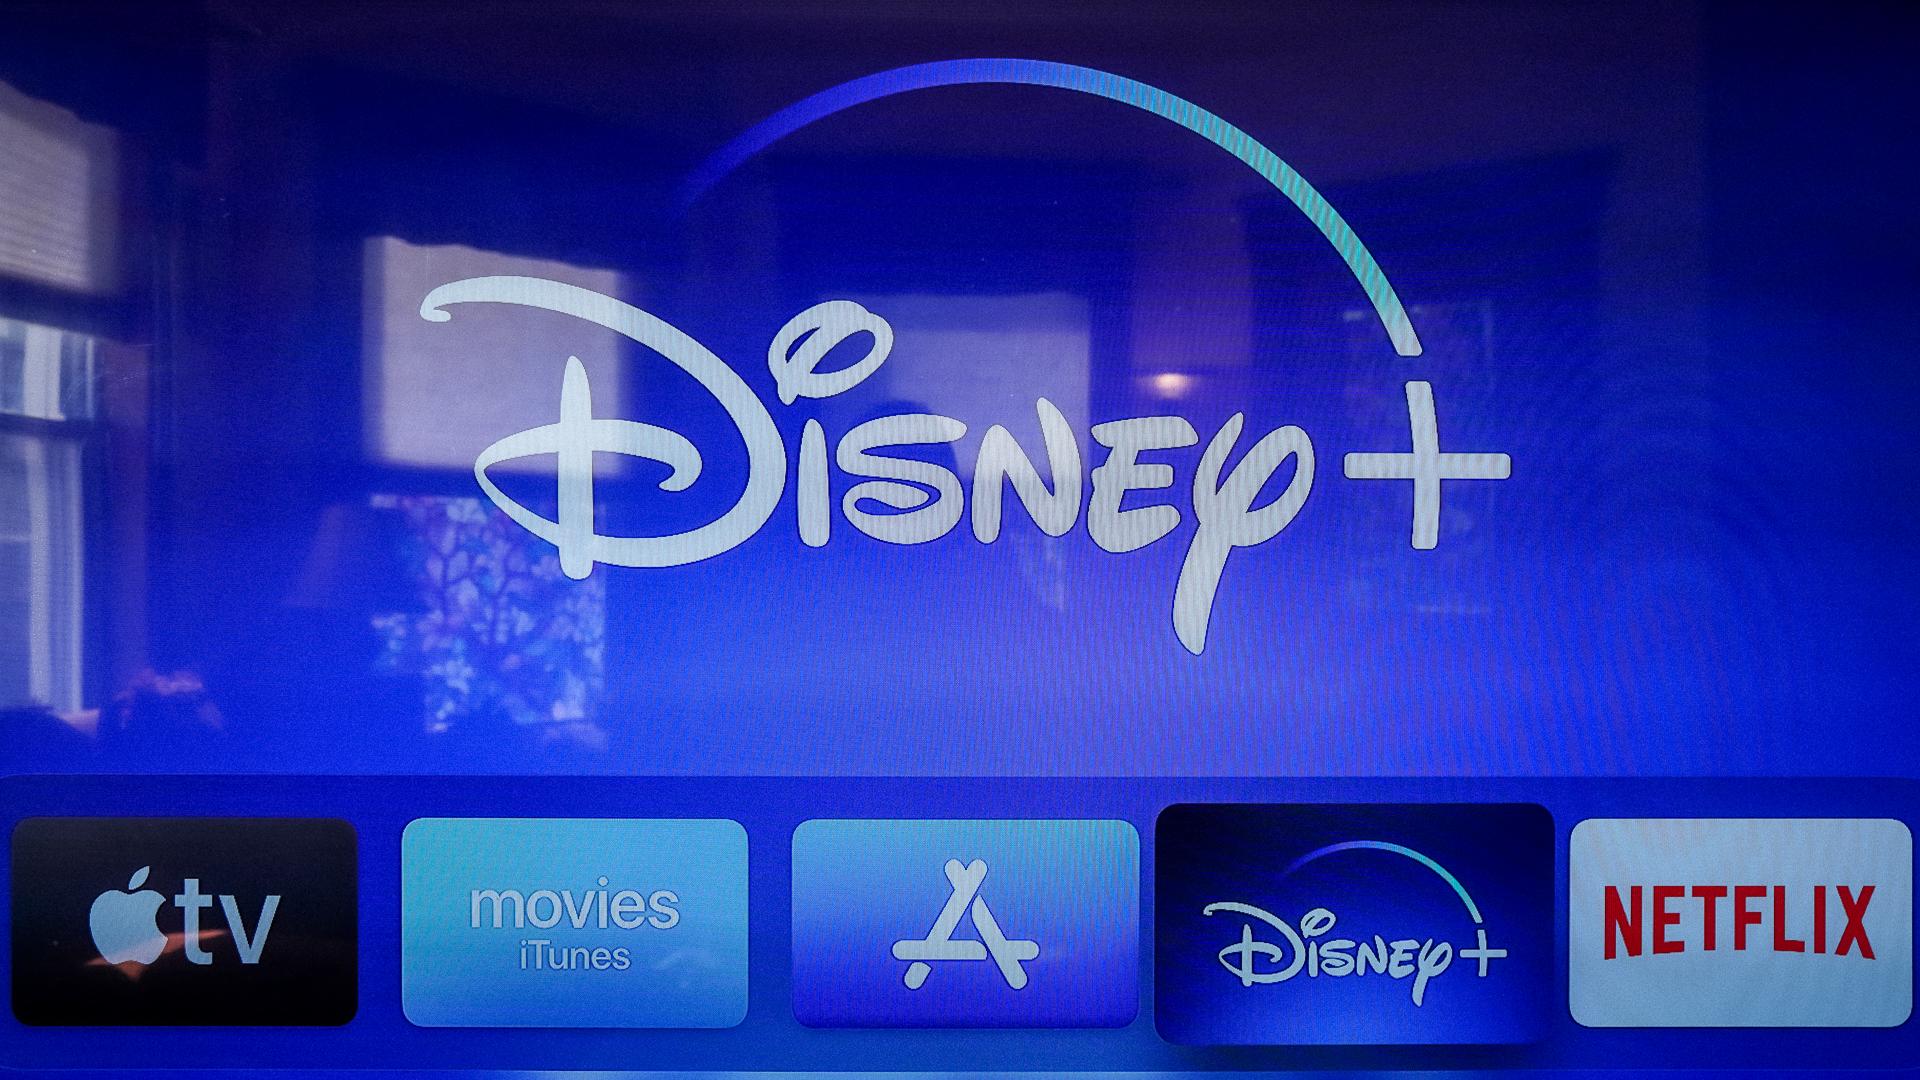 Disney Plus on Apple TV error 83